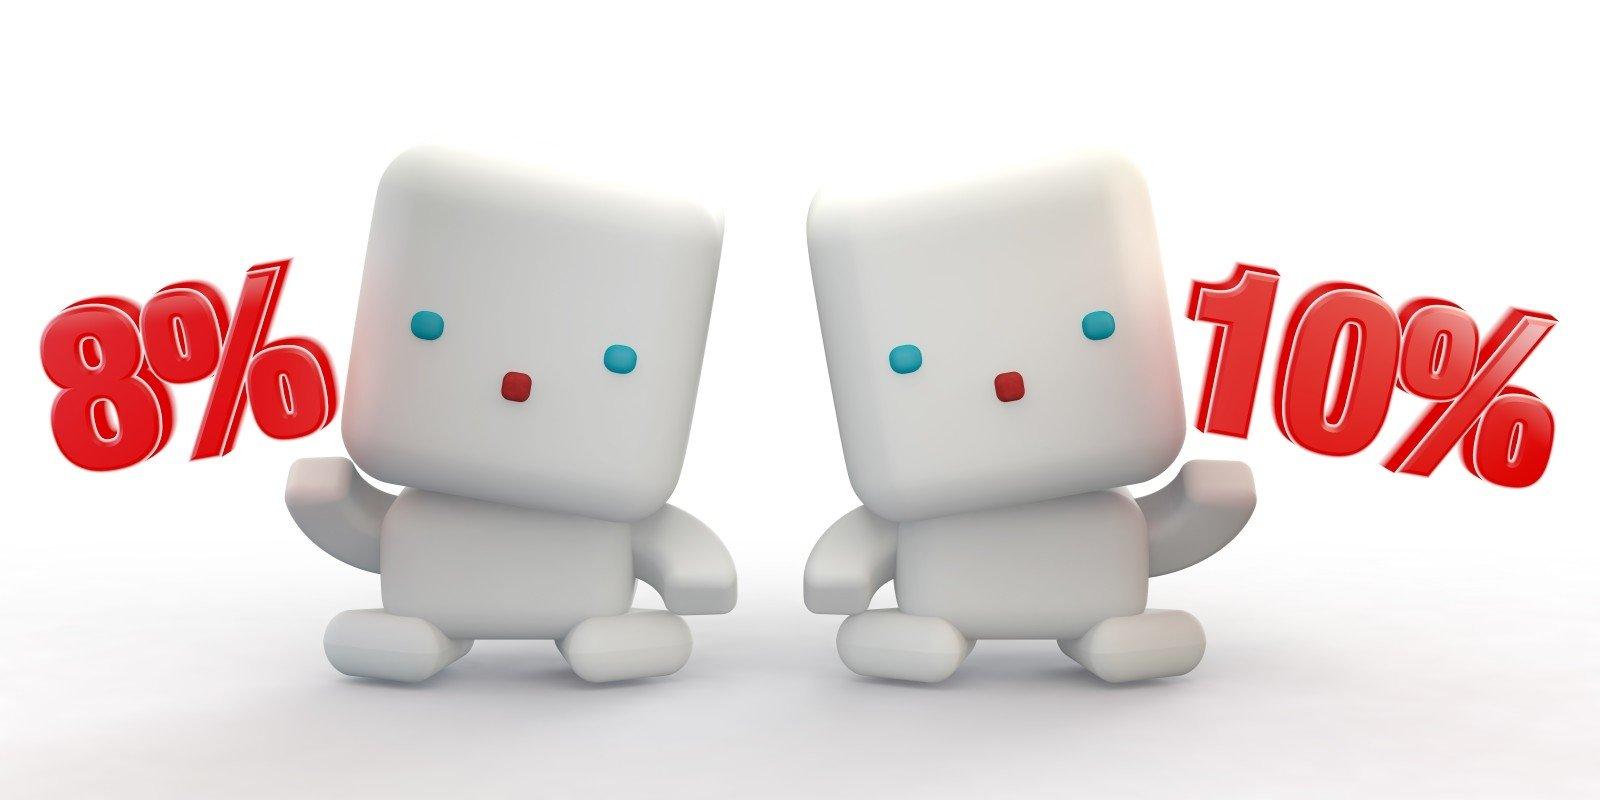 kuriant prekybos robotą su variantai yra geriausia platforma